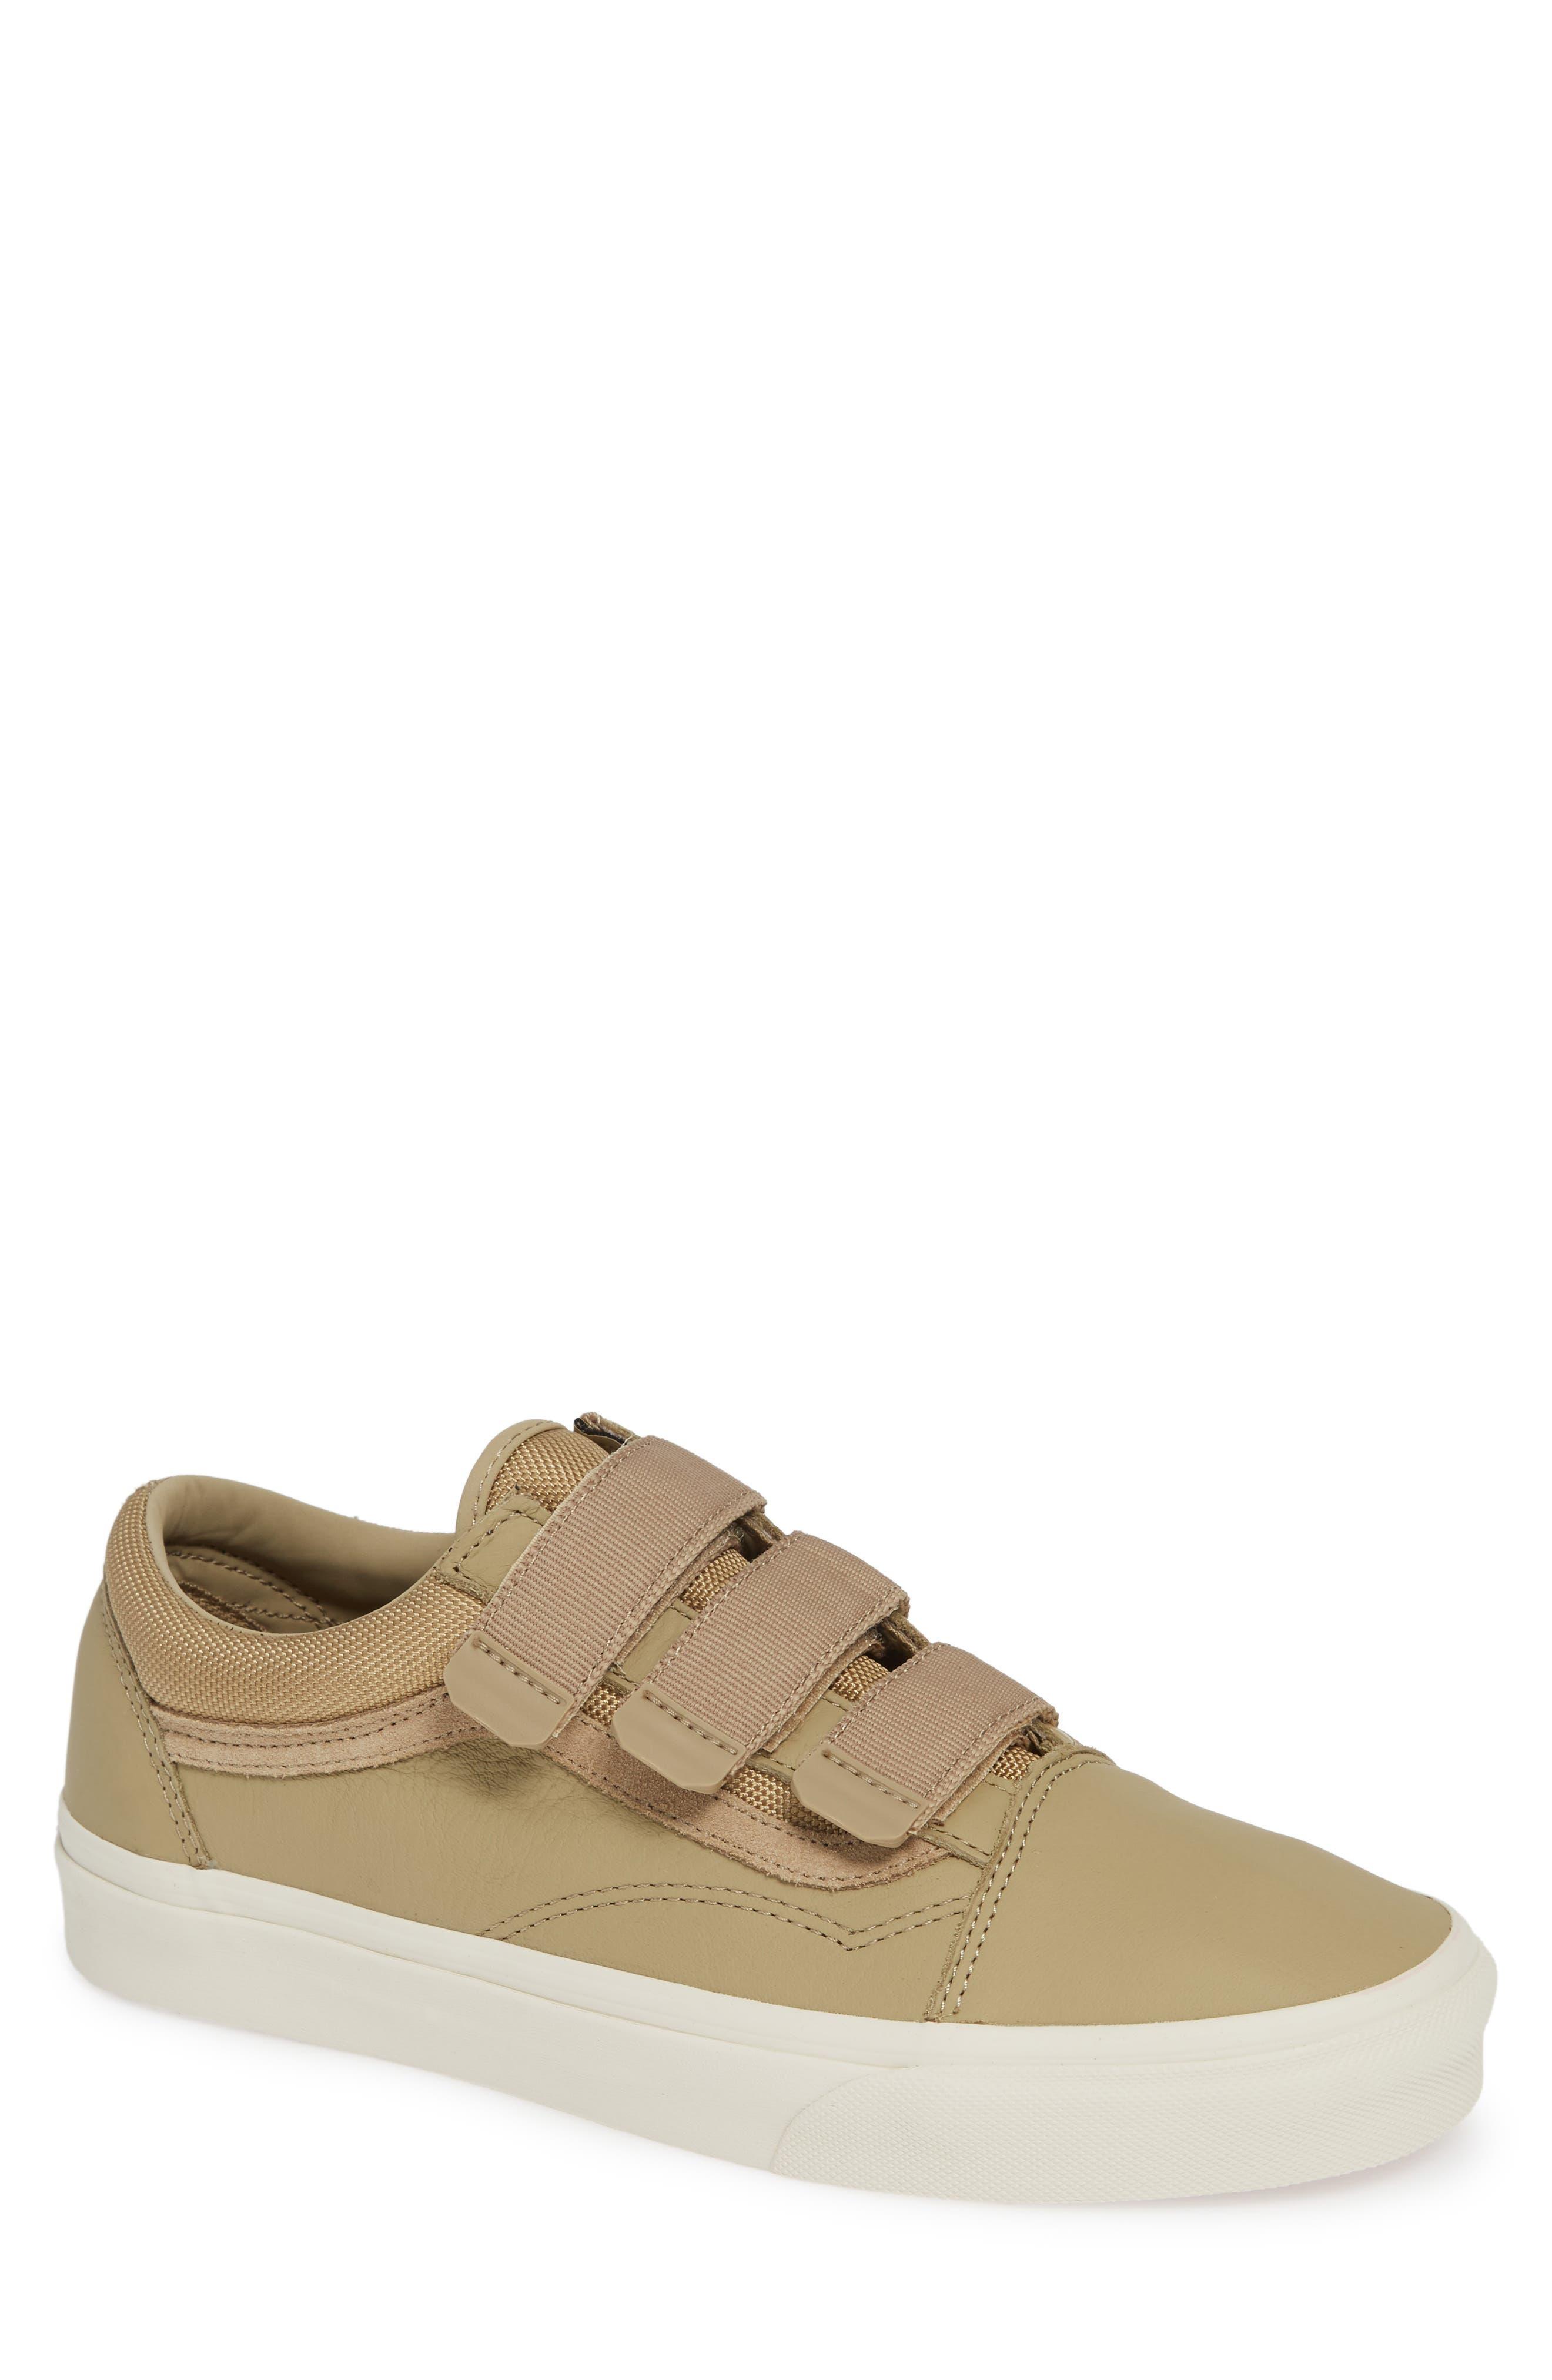 Old Skool V Sneaker,                         Main,                         color, BEIGE CORNSTALK